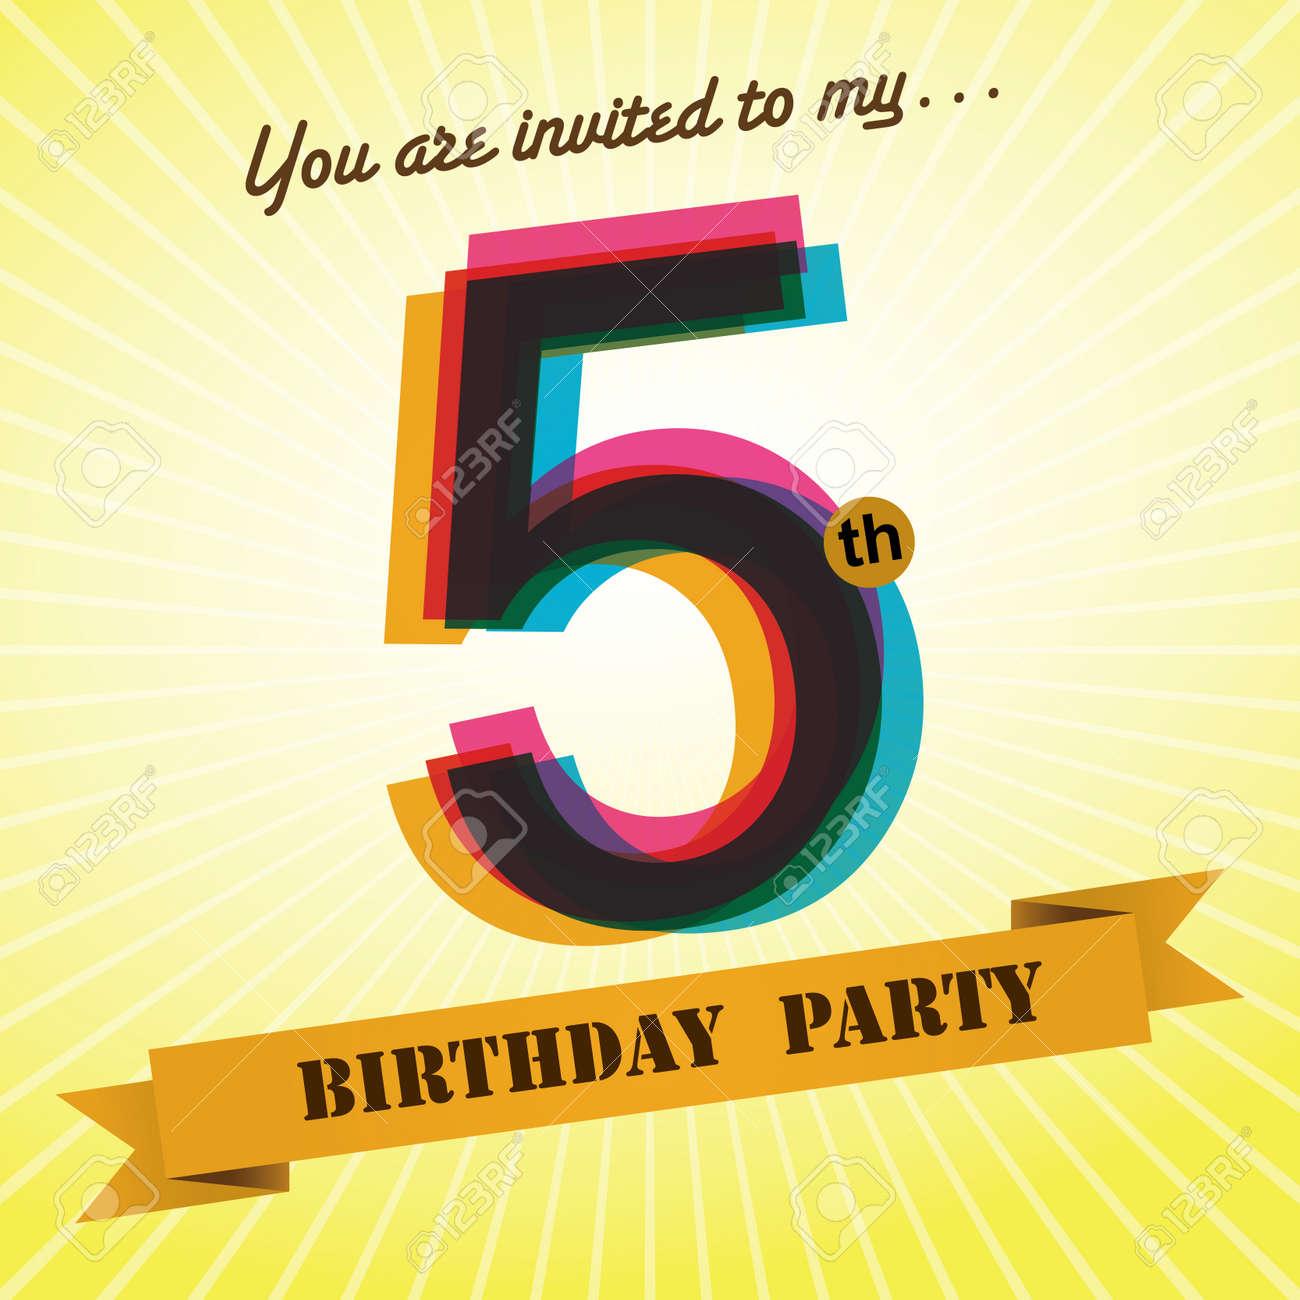 5th Birthday Party Invite Template Design Retro Style Vector – 5th Birthday Party Invitation